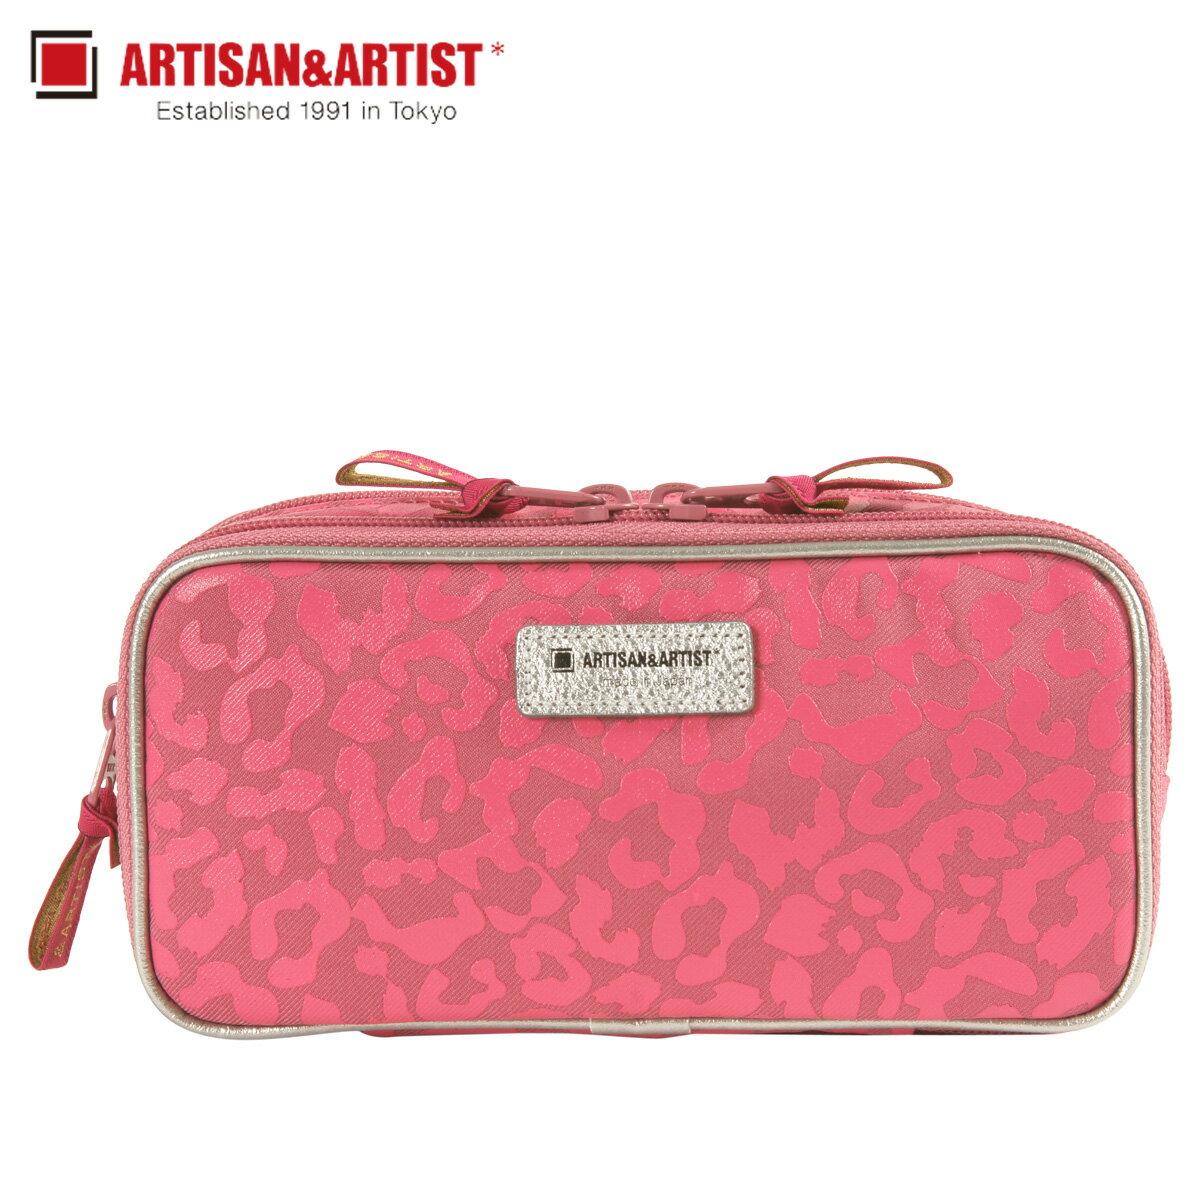 レディースバッグ, 化粧ポーチ ARTISANARTIST MAKEUP POUCH XMP-SL612 226